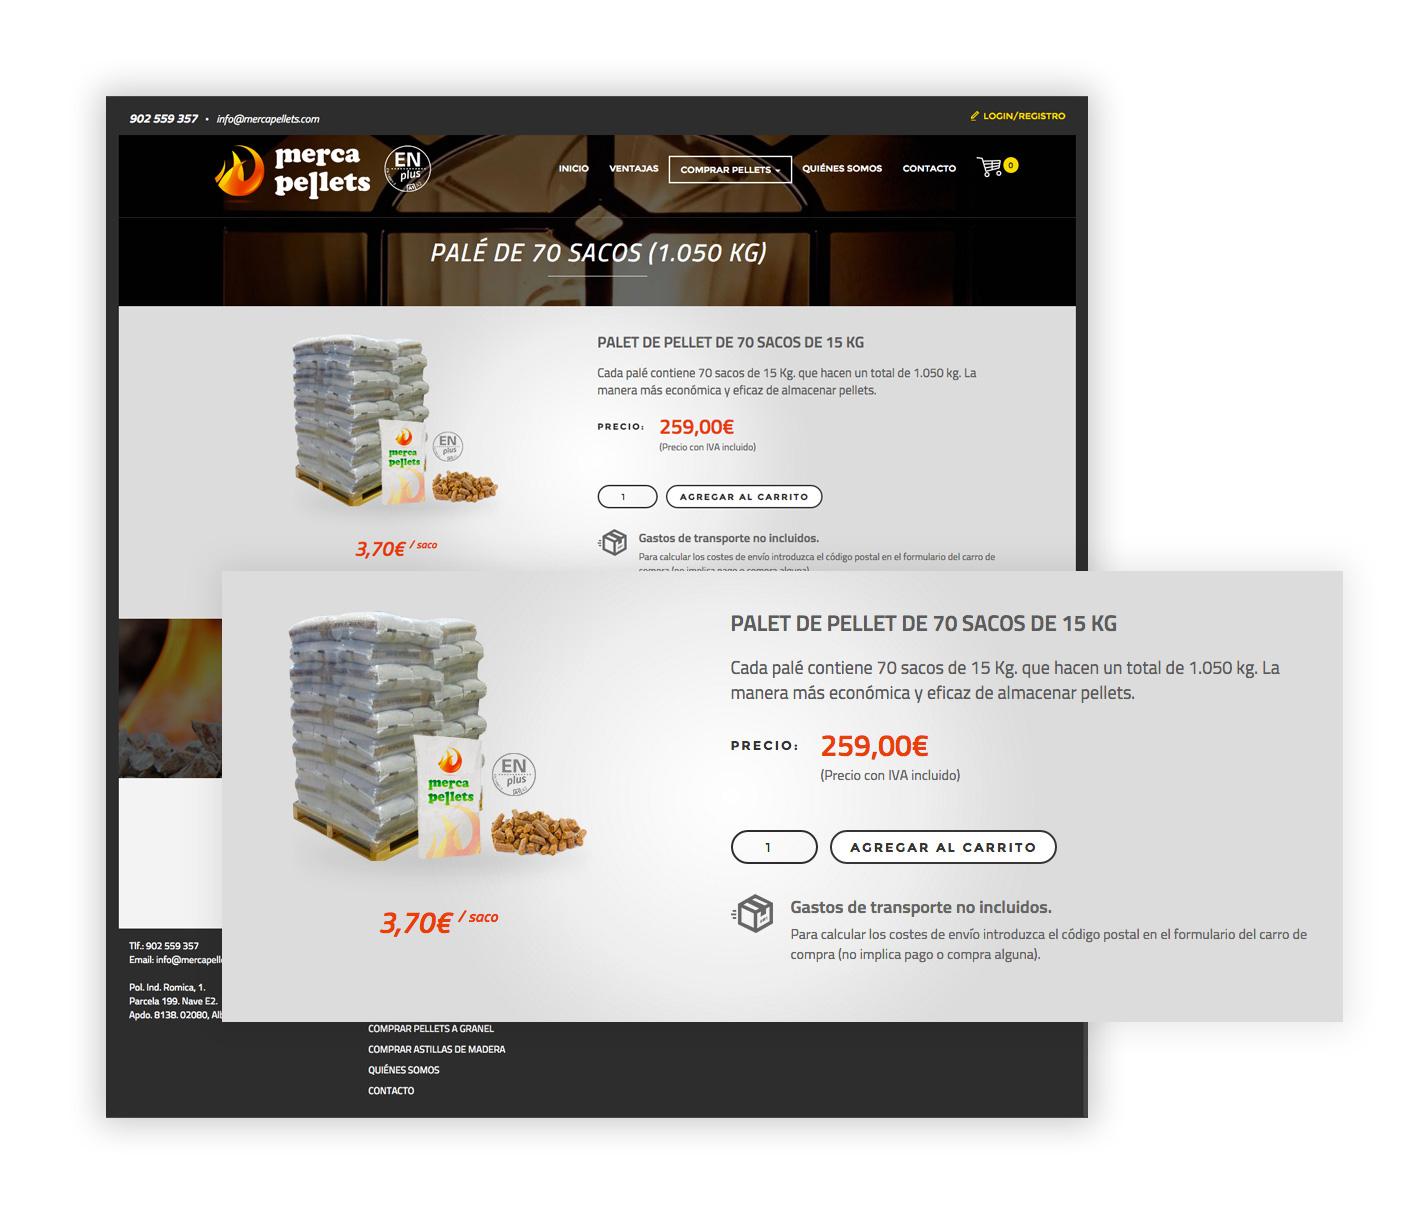 Imagen adicional 2 del proyecto Merca Pellets